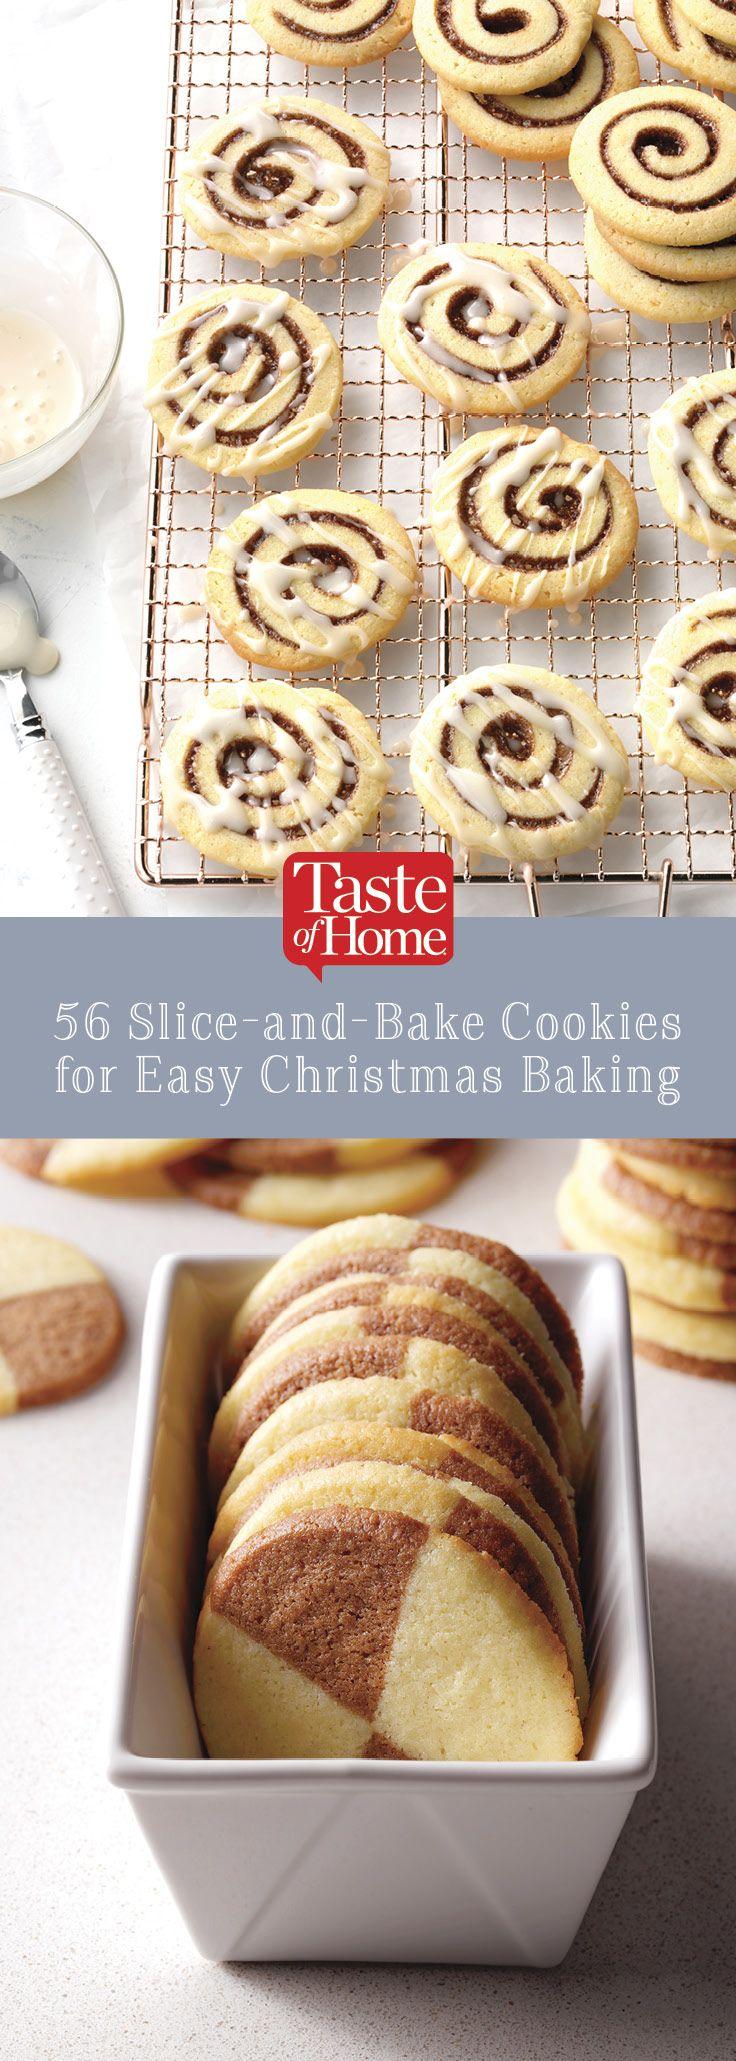 56 Slice-n-Bake Cookies For Easy Christmas Baking